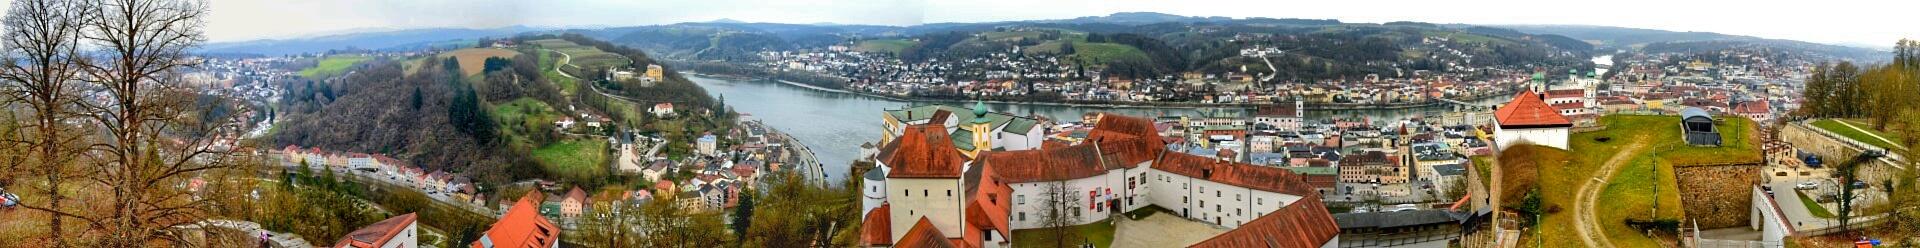 Panorama Passau